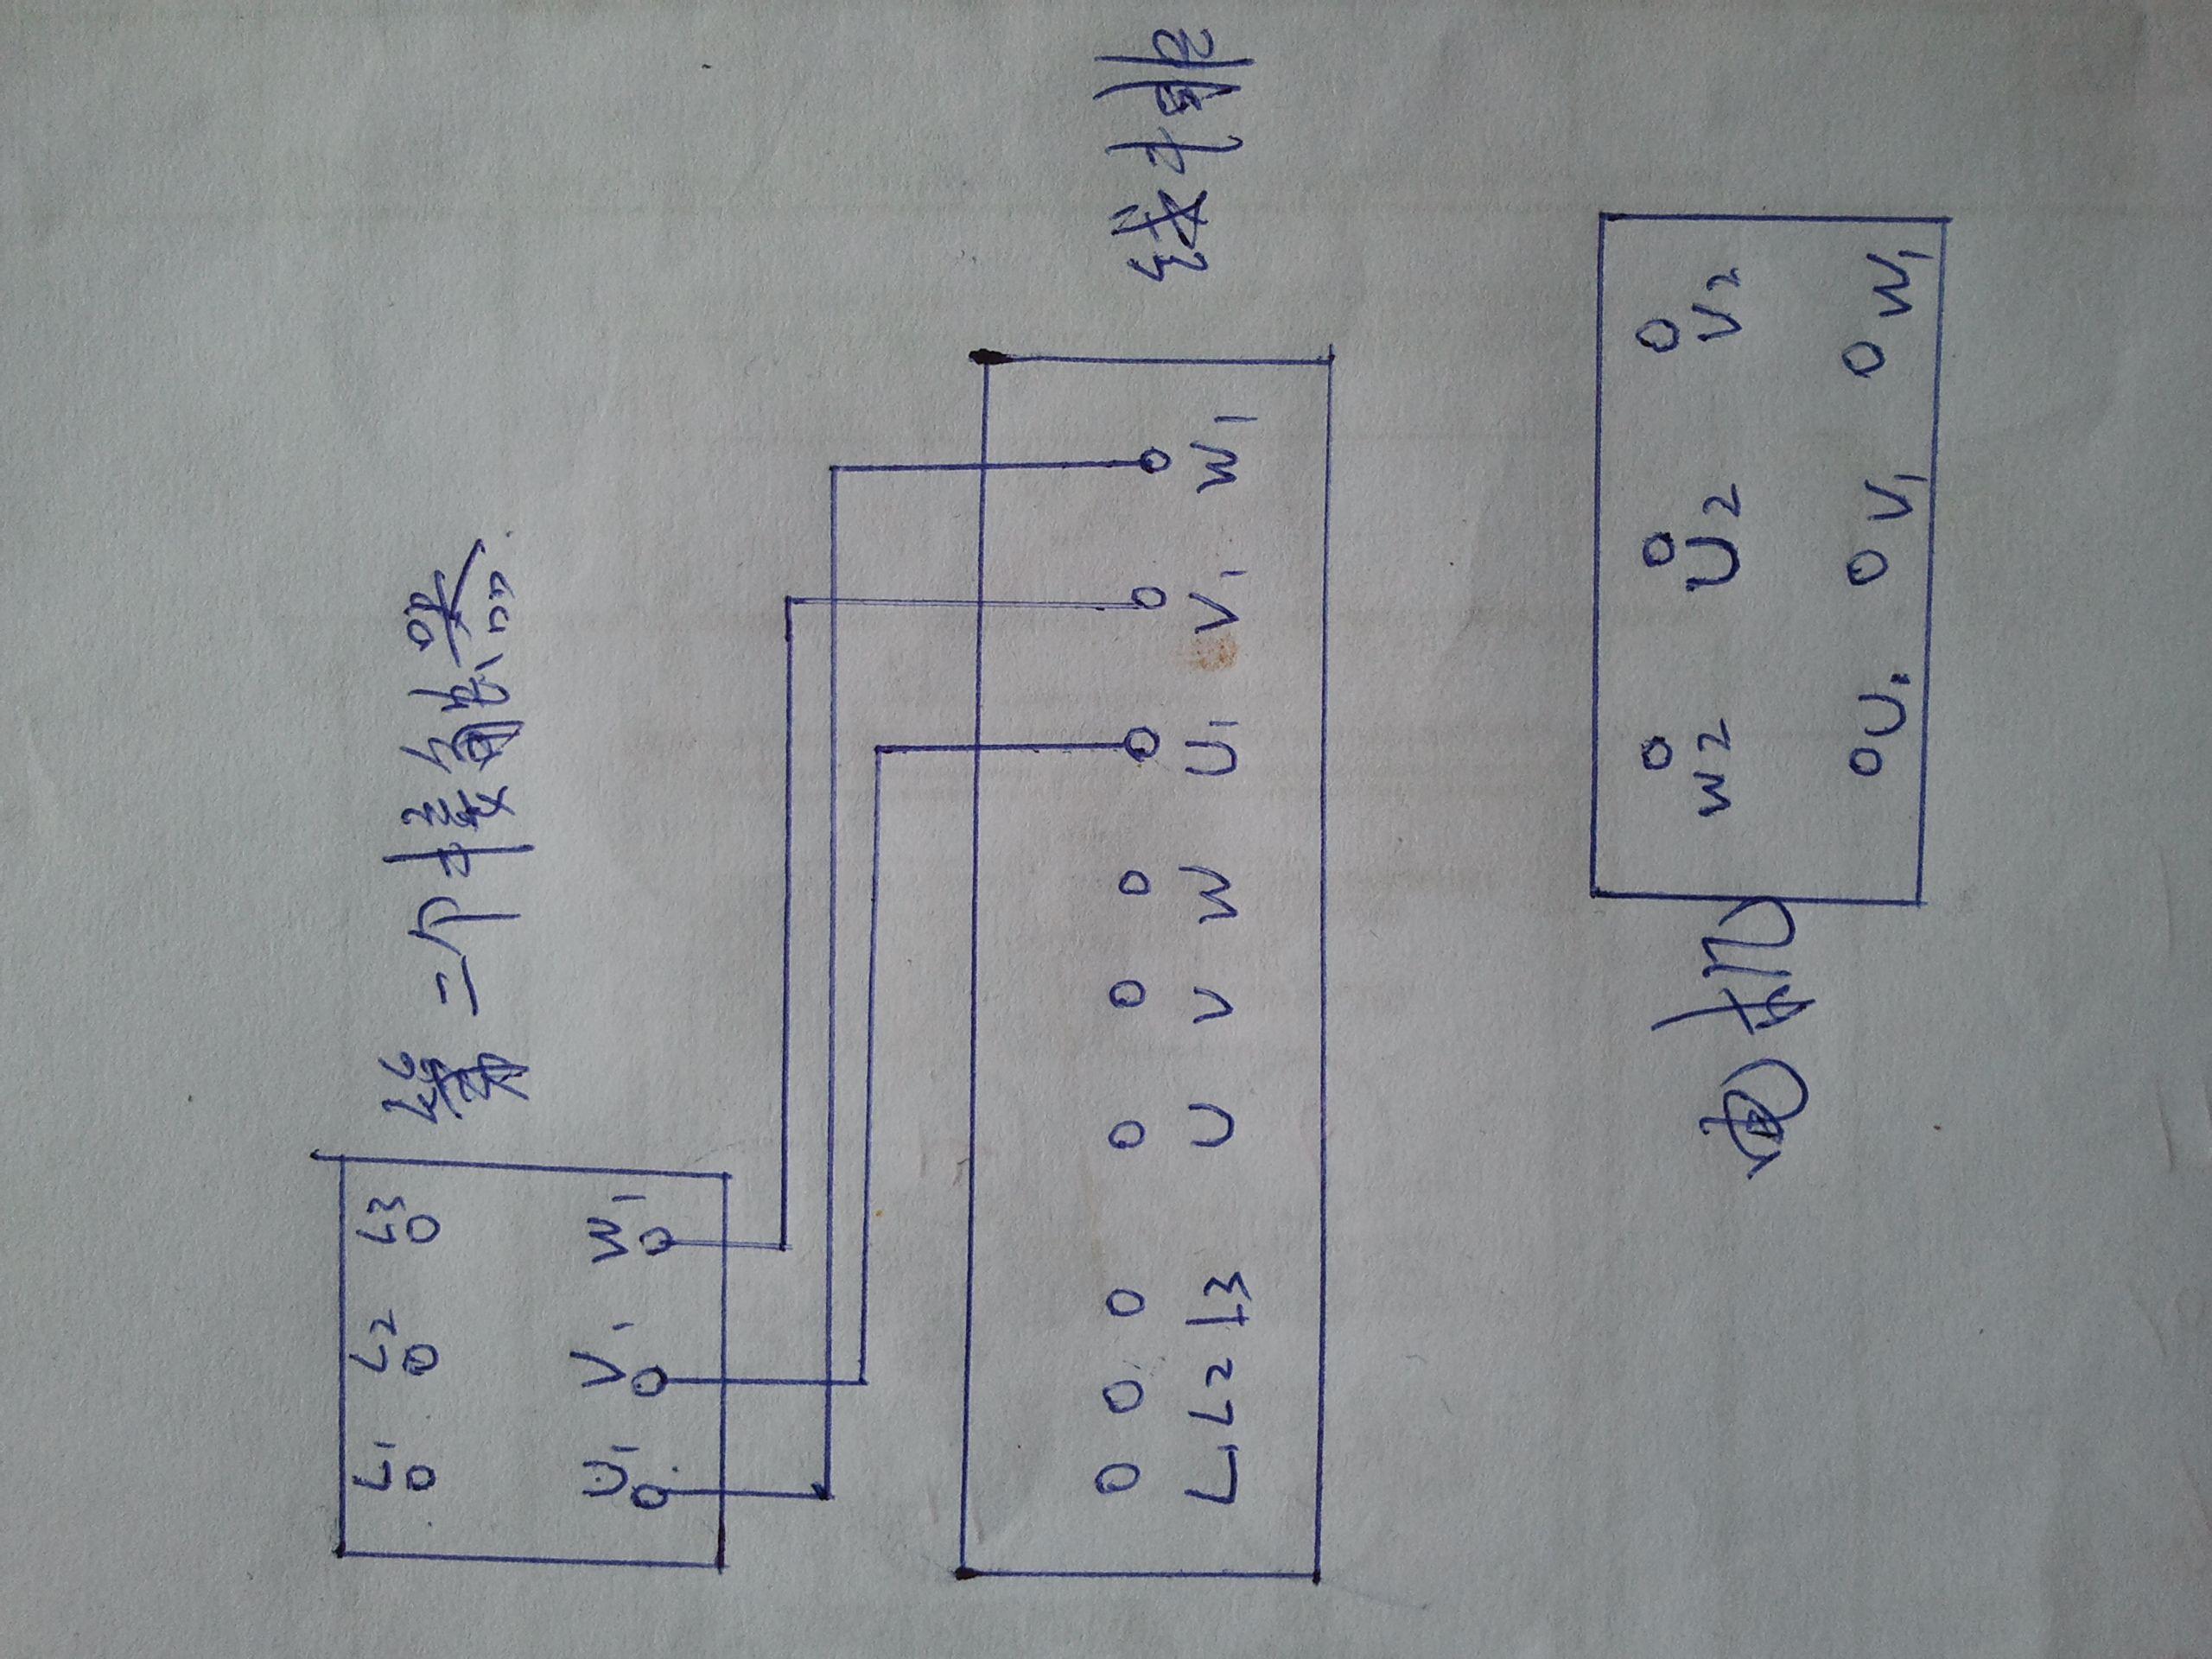 急~~~关于星形三角形降压启动电路的接线,在电机上怎么接上面三根线?